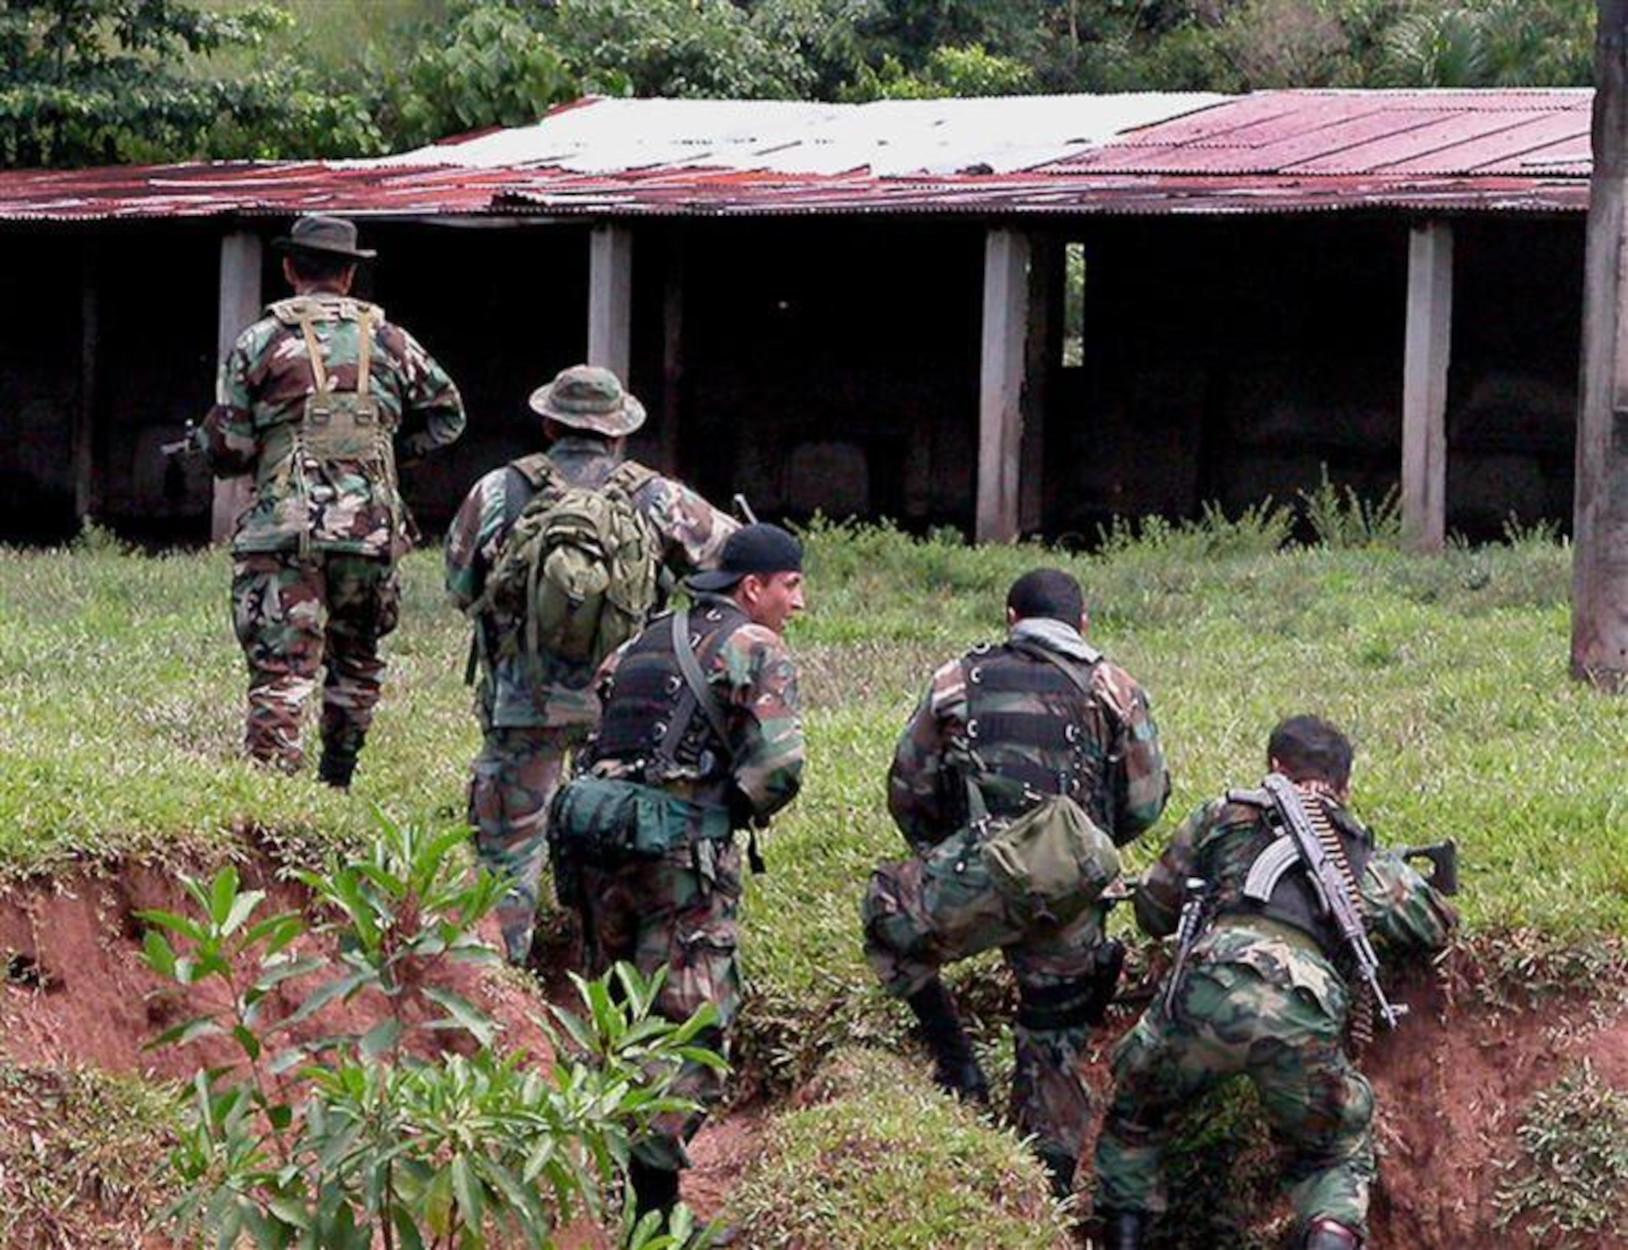 Περού: Επίθεση σε καλλιέργειες κόκας – 18 νεκροί, ανάμεσά τους 2 παιδιά